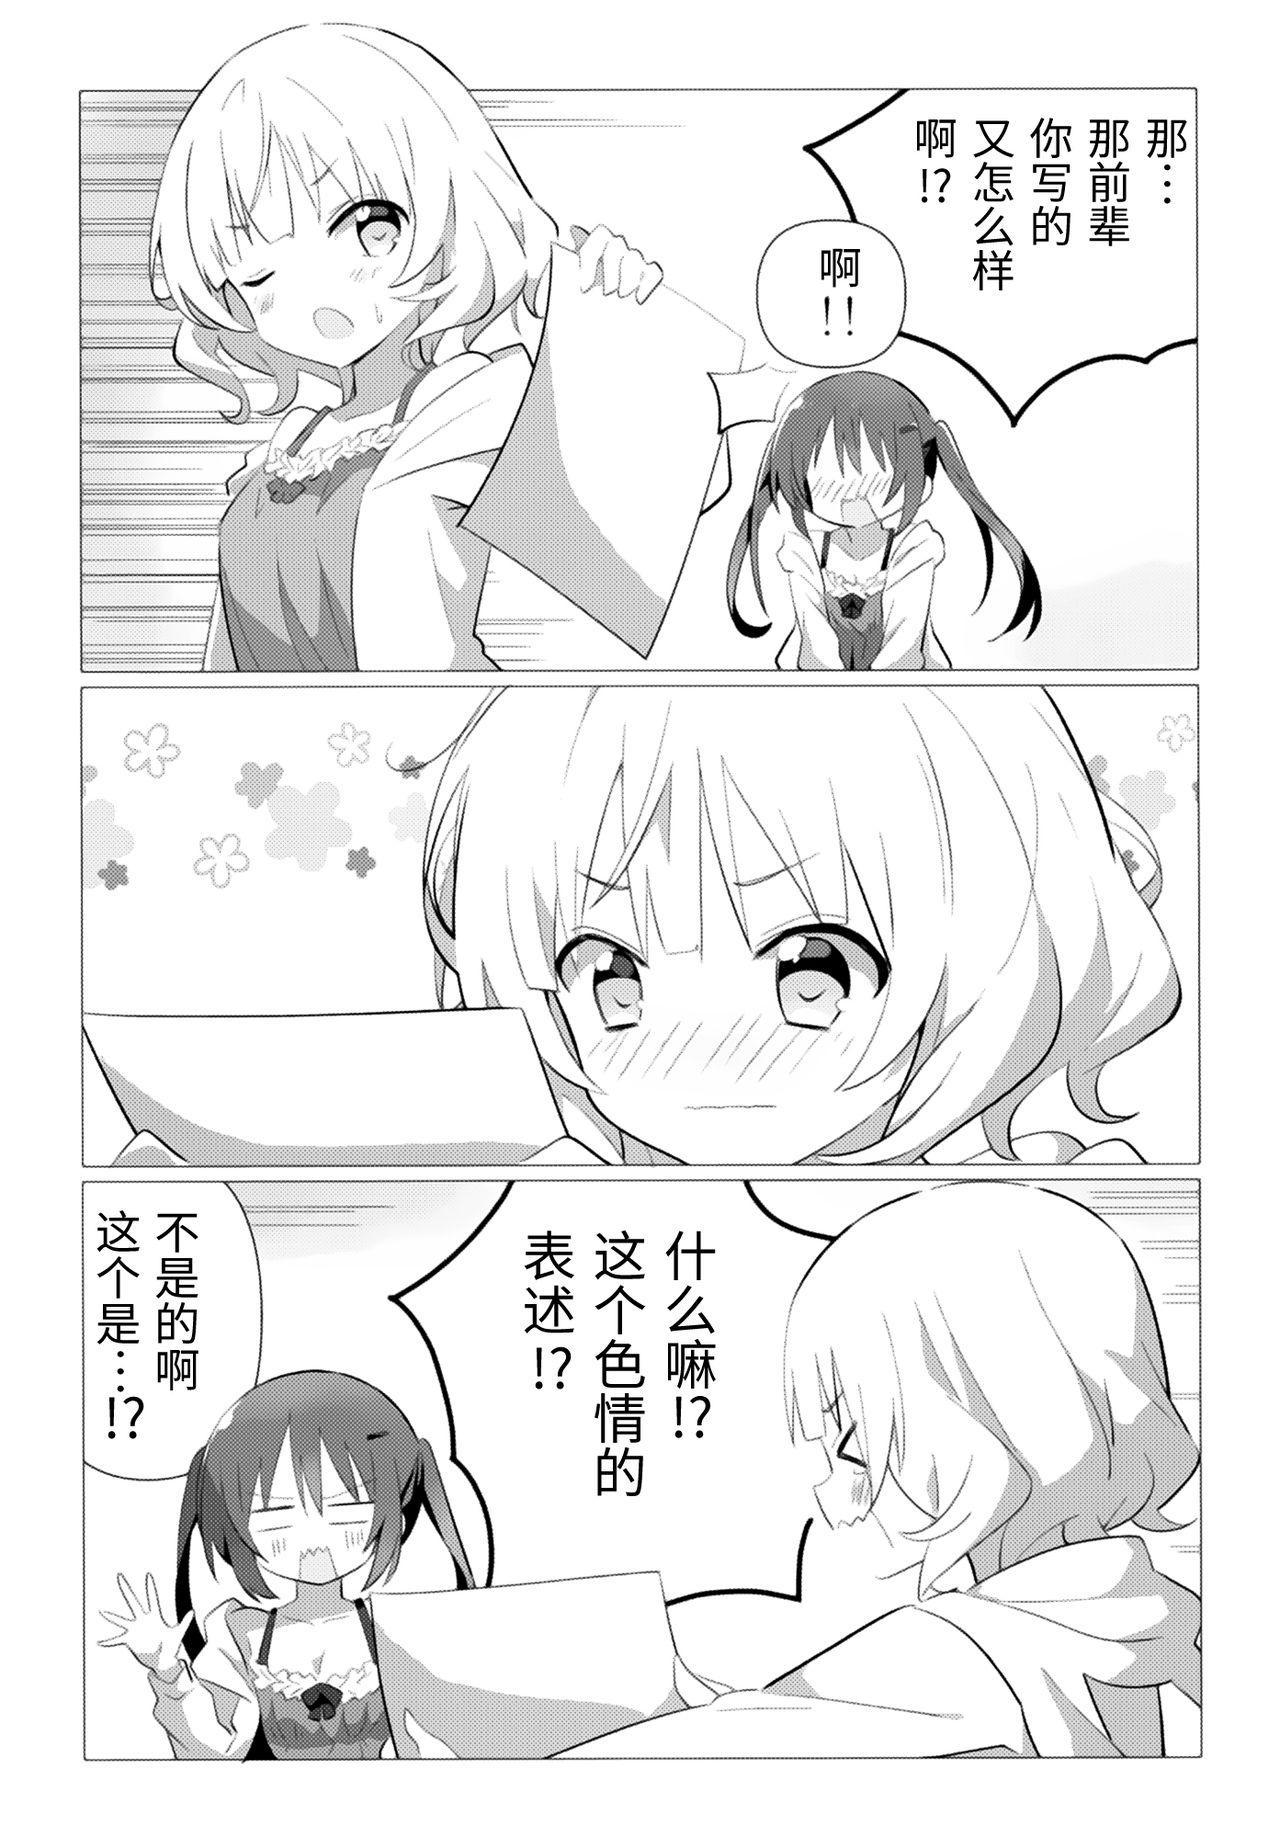 Senpai to Yuri ni Mezameru Hon 7